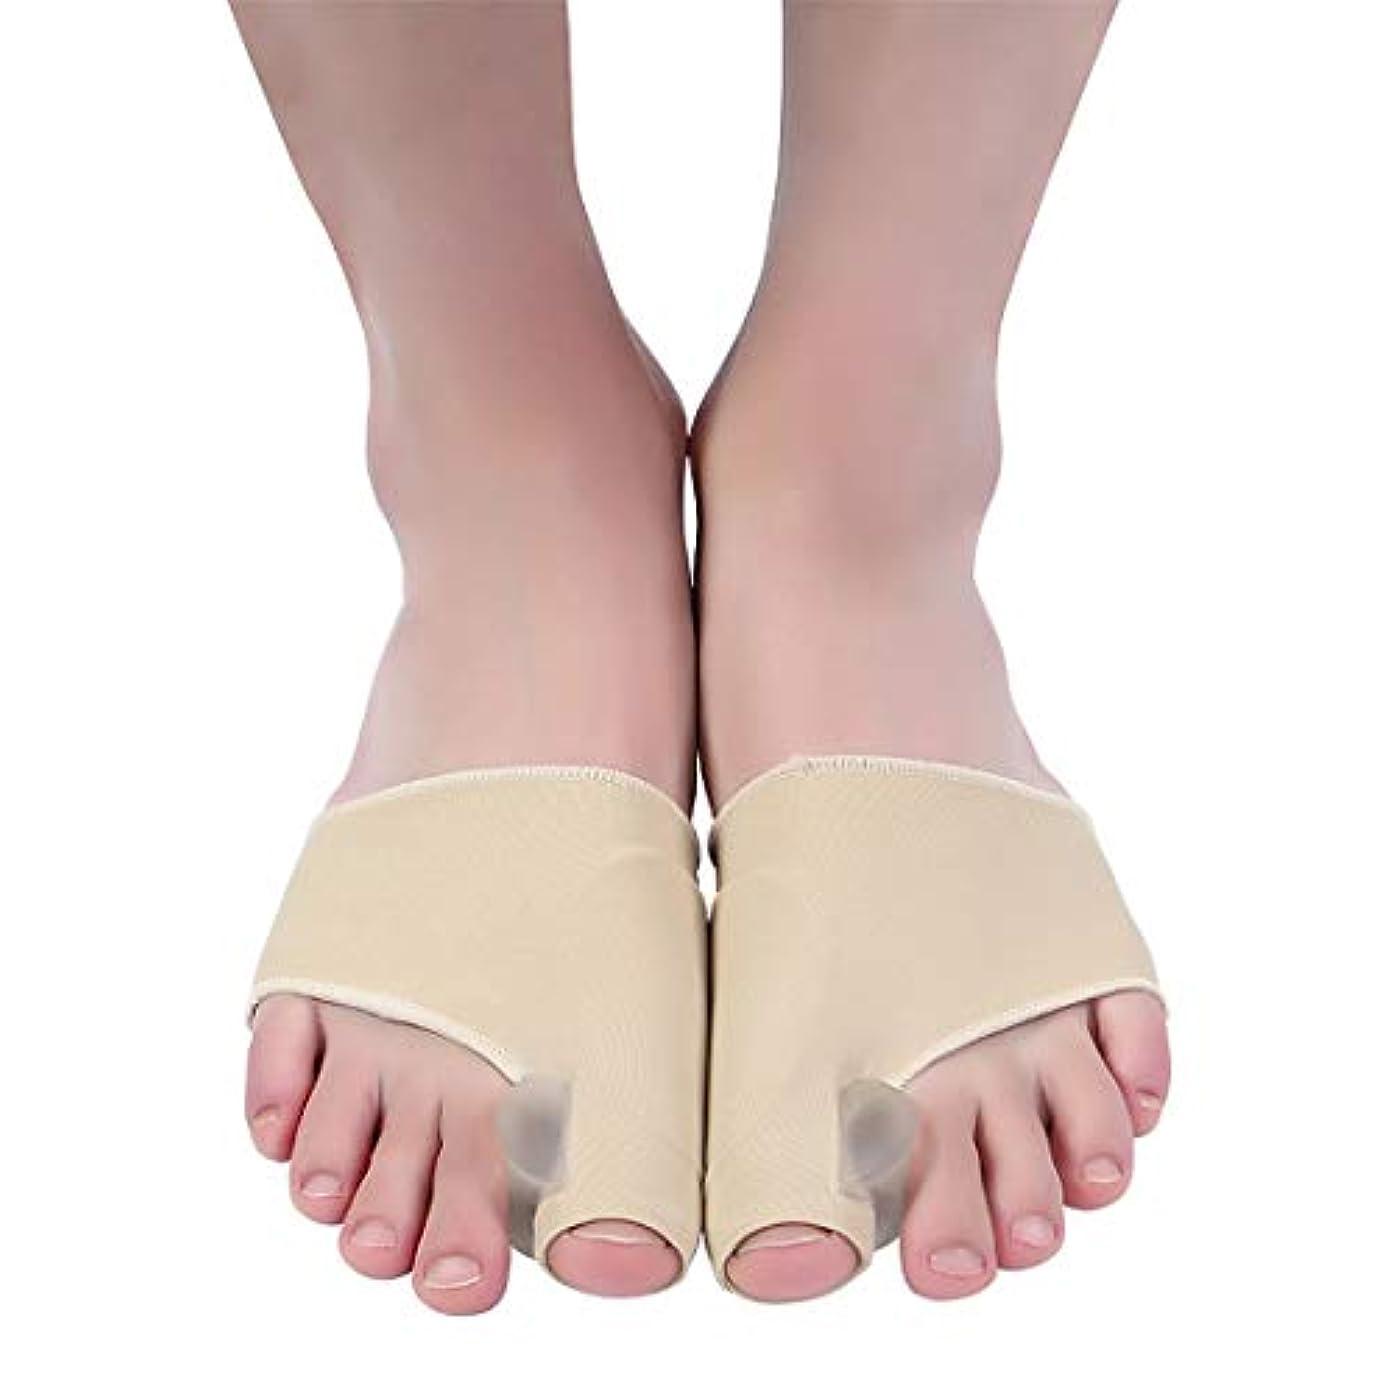 口実カーフトーナメント腱膜瘤矯正と腱膜瘤救済、女性と男性のための整形外科の足の親指矯正、昼夜のサポート、外反母Valの治療と予防